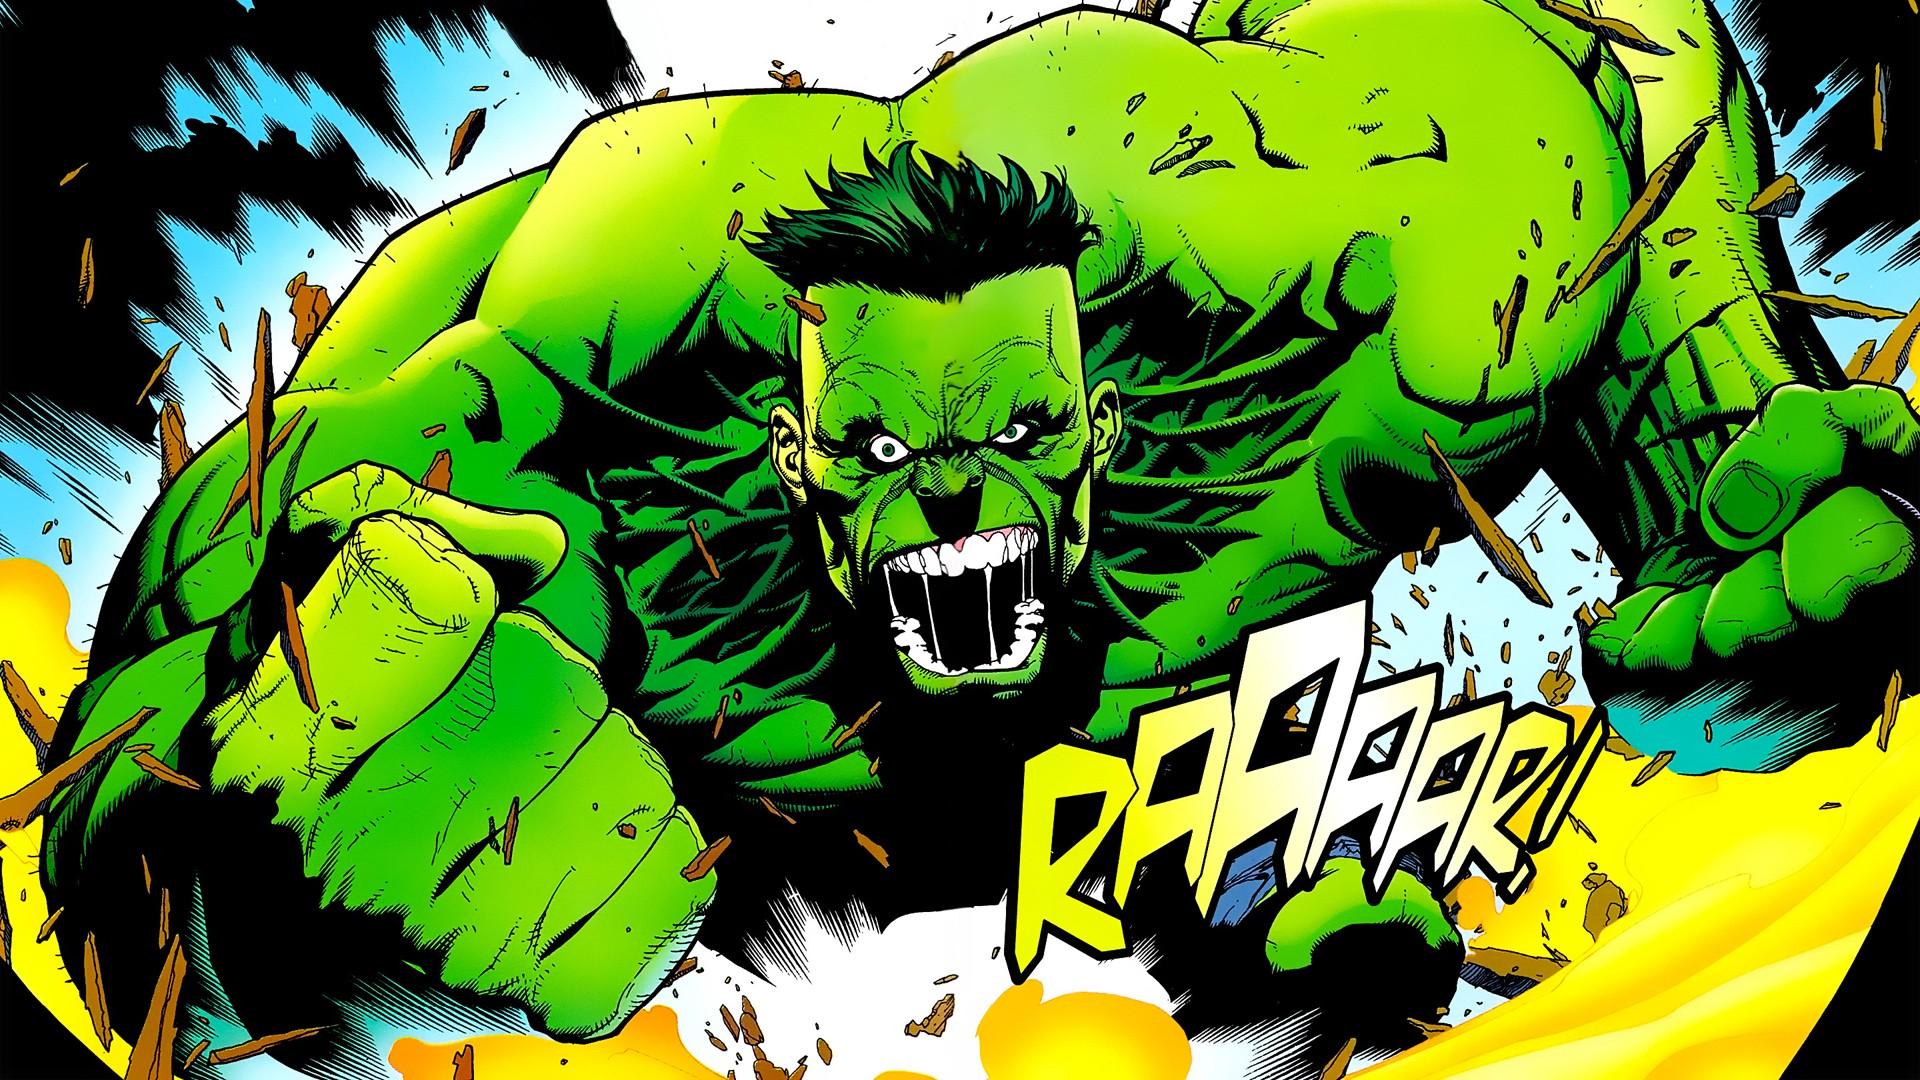 Hulk Wallpapers 1920x1080 1920x1080